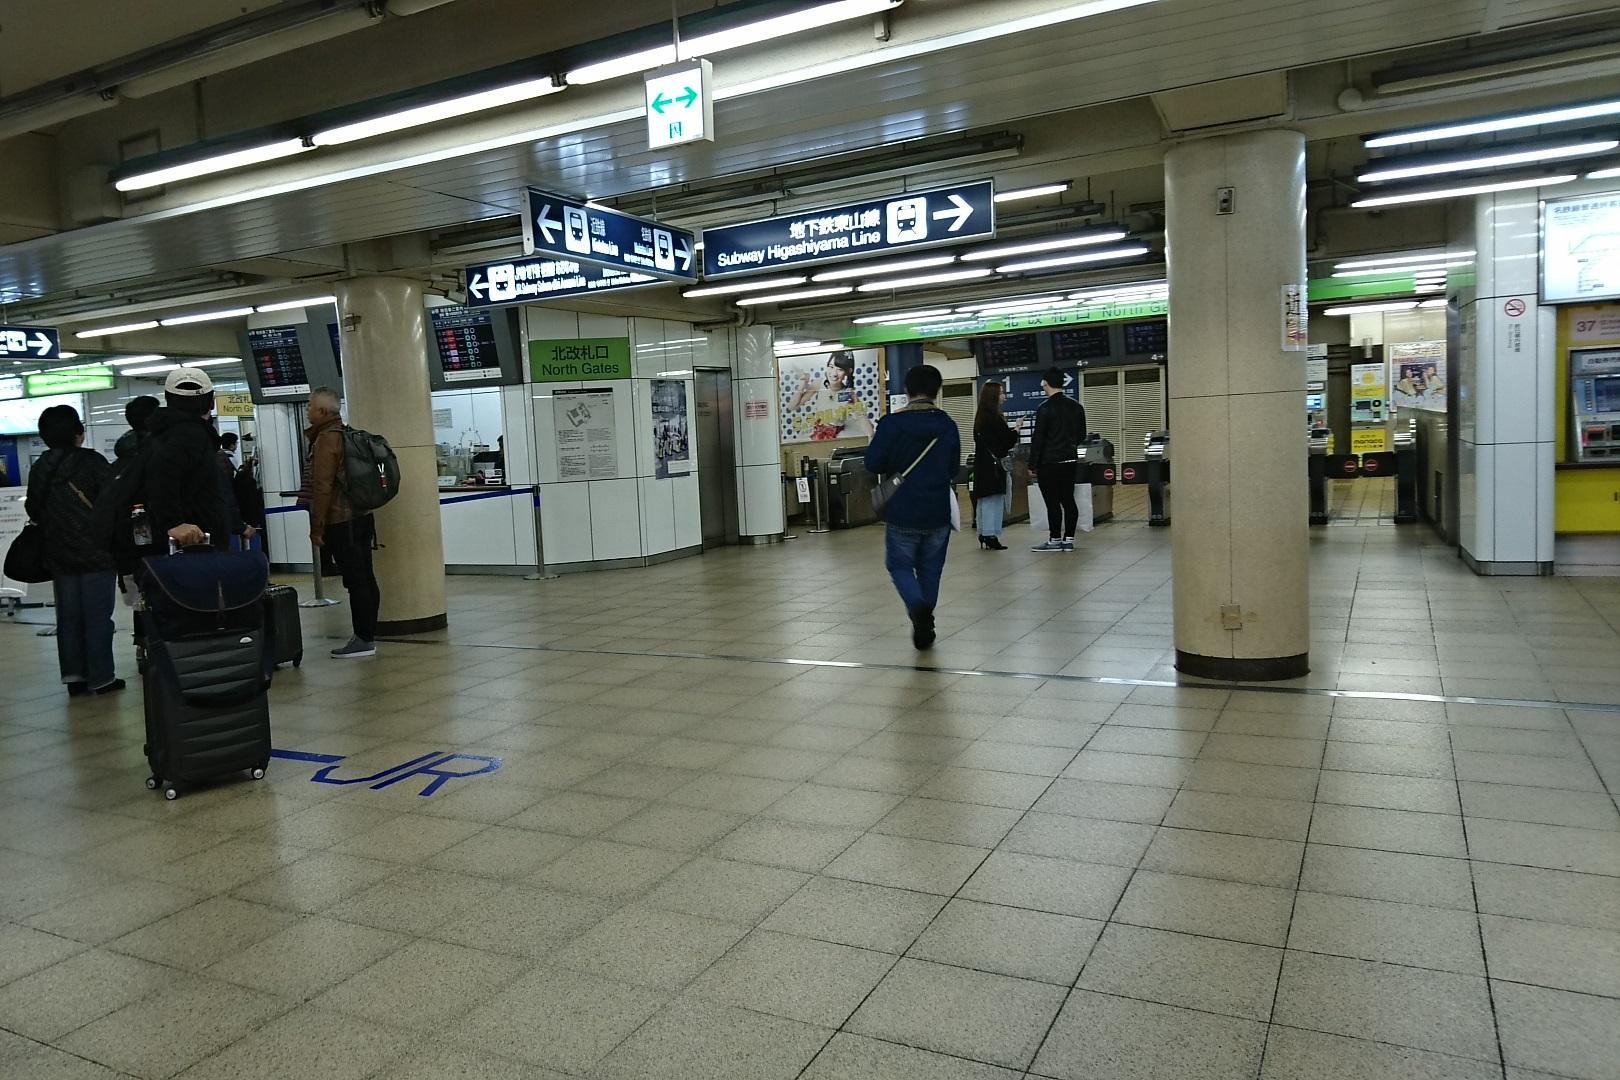 2016.11.27 名鉄名古屋 (2) きたかいさつぐち